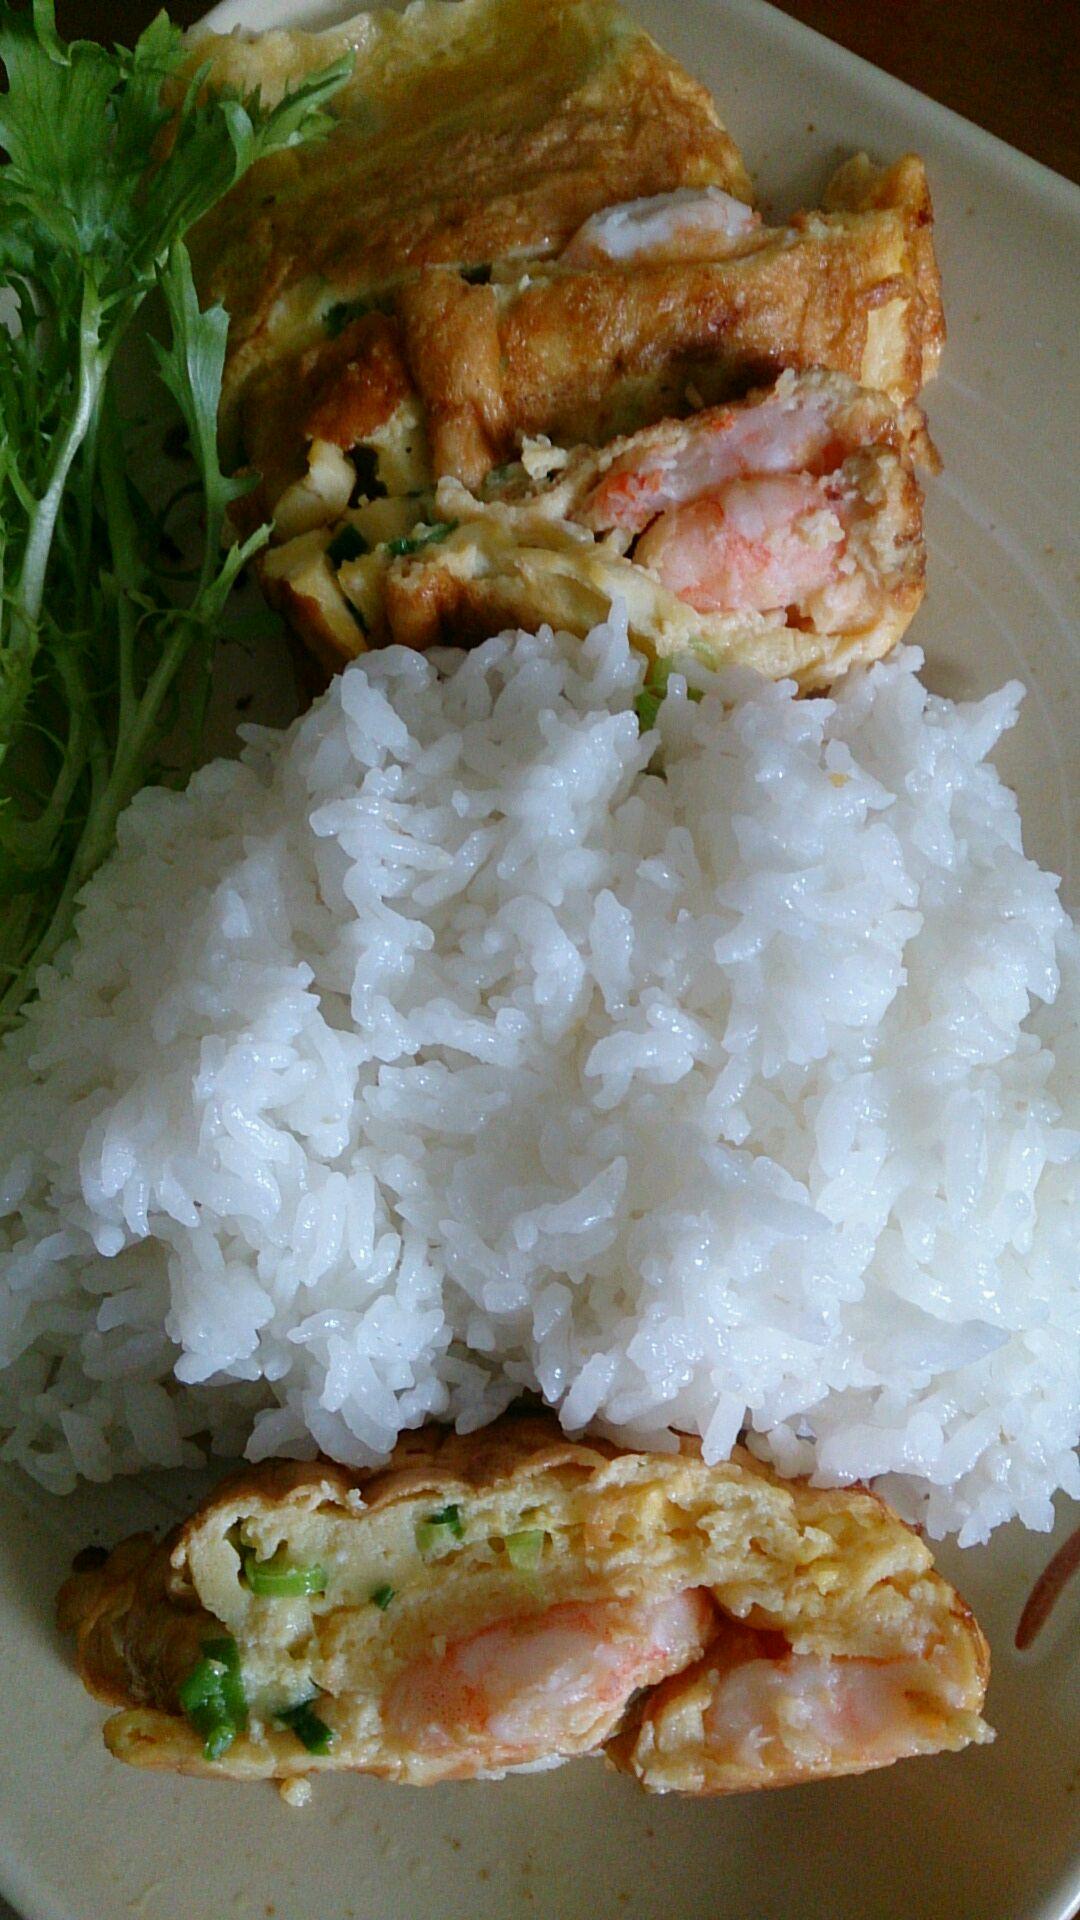 鸡蛋虾卷的做法和步骤第7张图